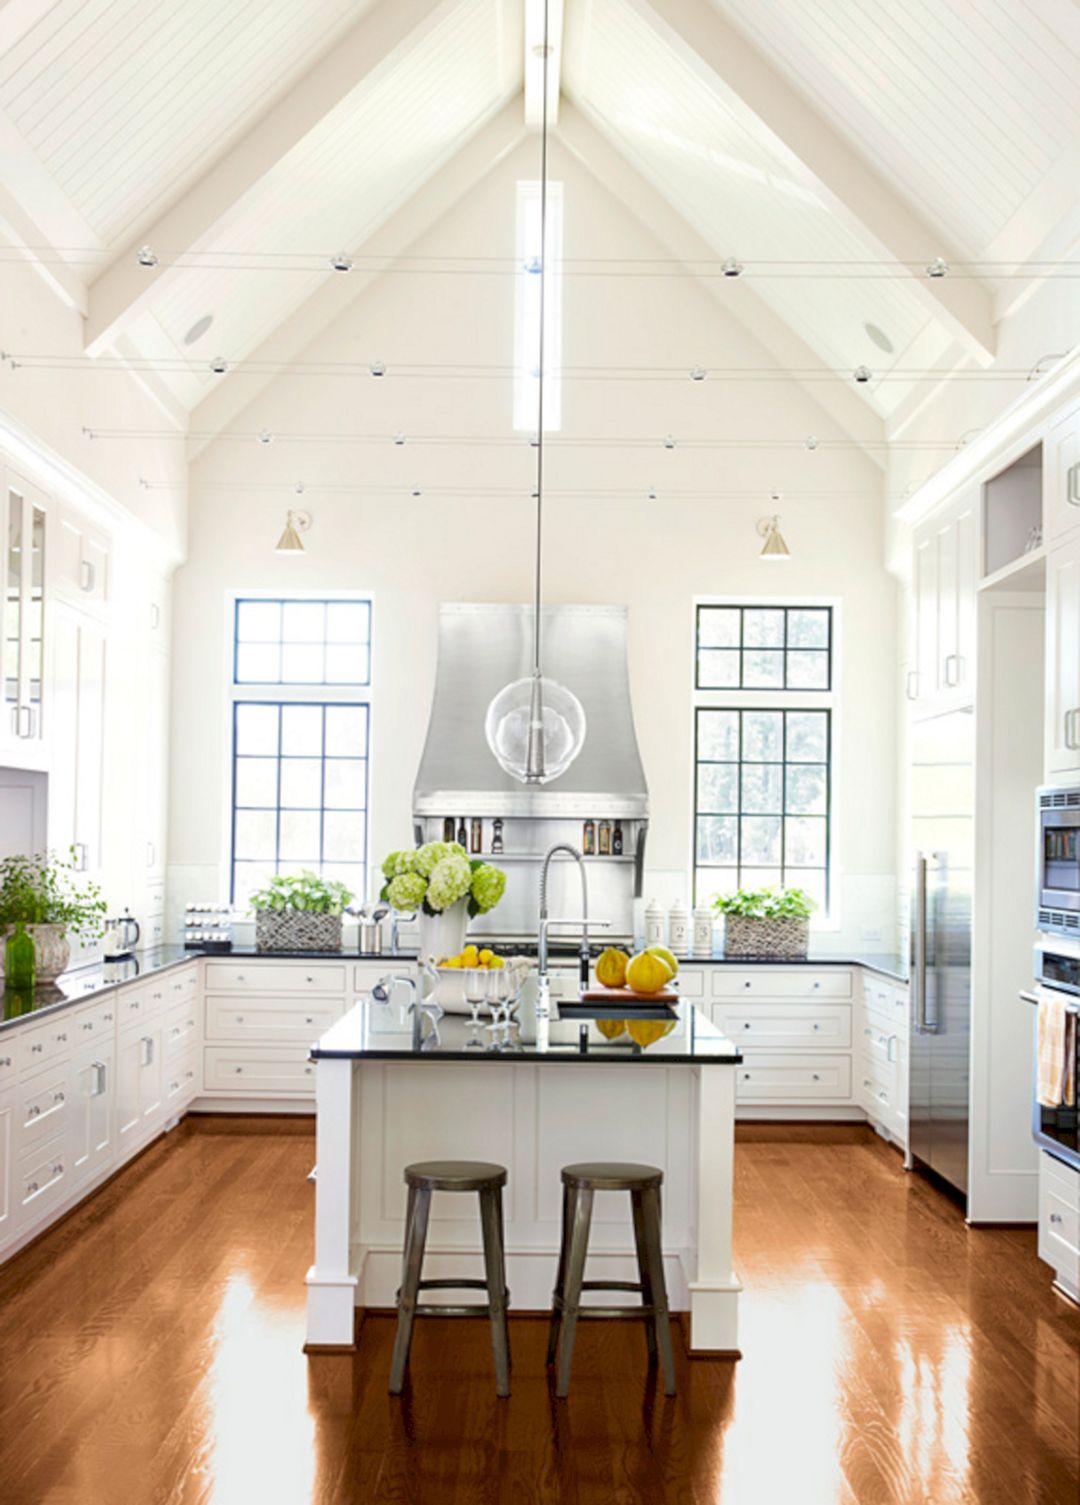 Best Traditional Kitchen Design Ideas 30